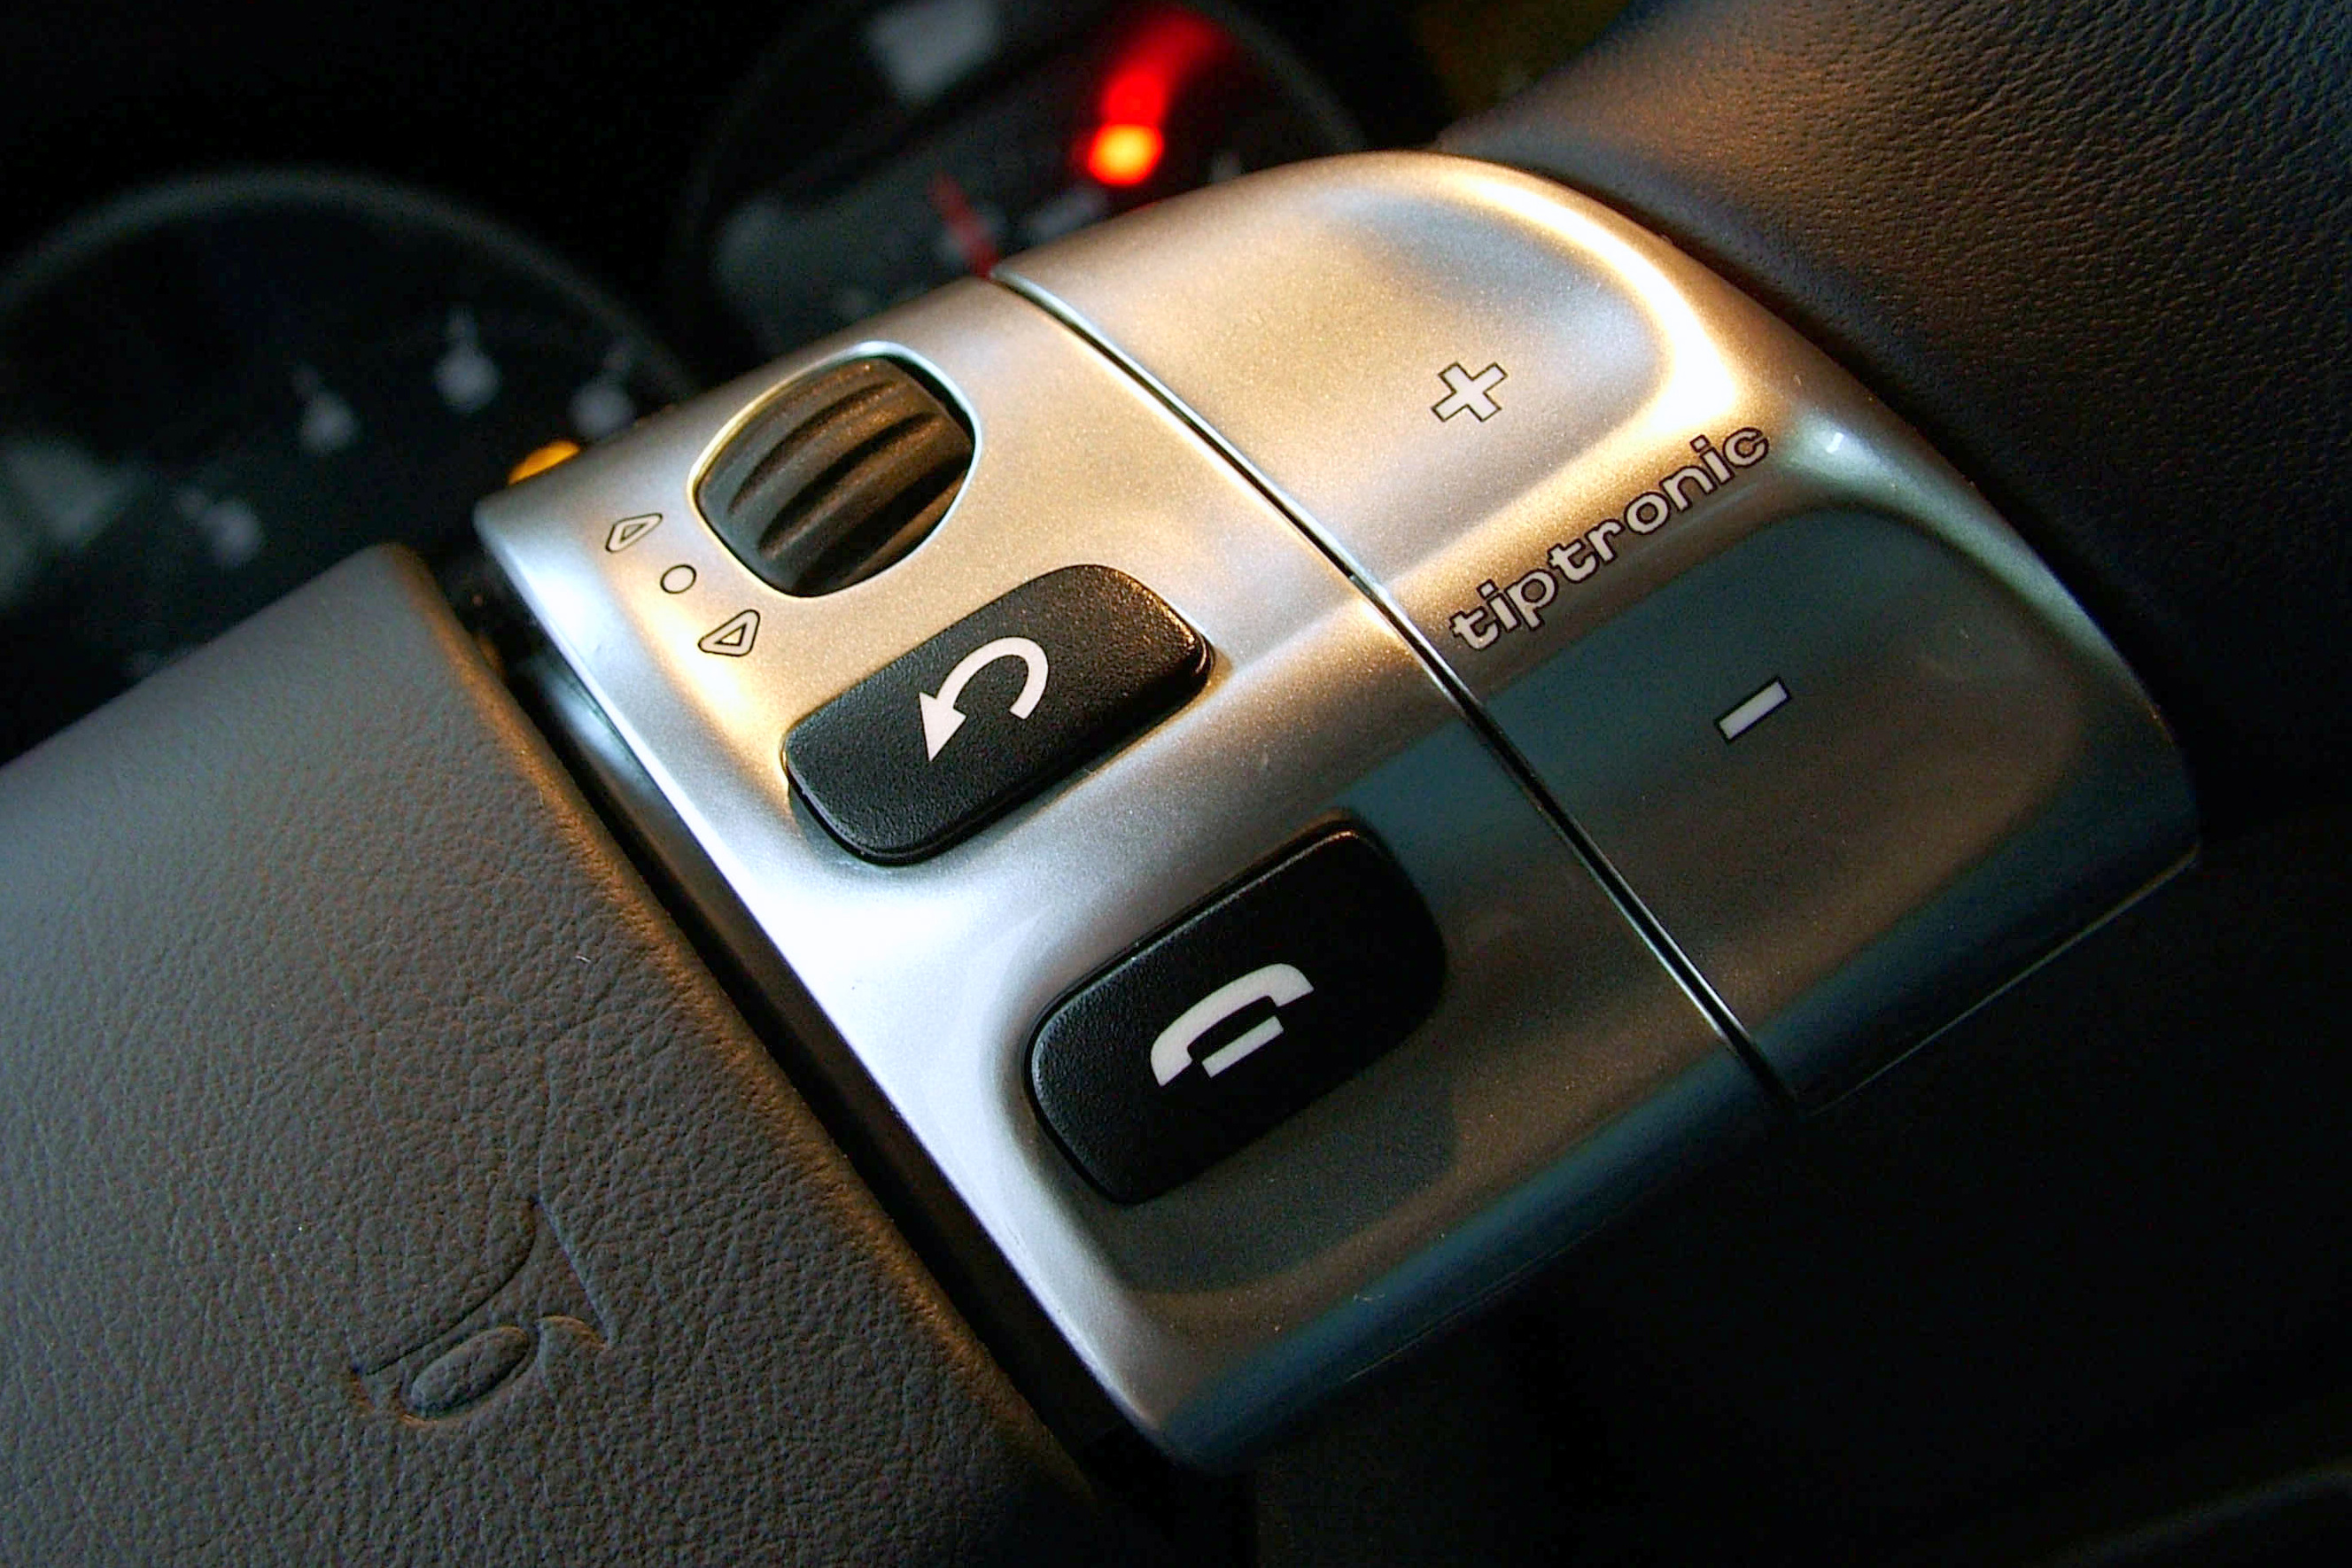 Botão de acionamento do câmbio Triptonic do 911 Carrera, da Porsche, modelo 2005